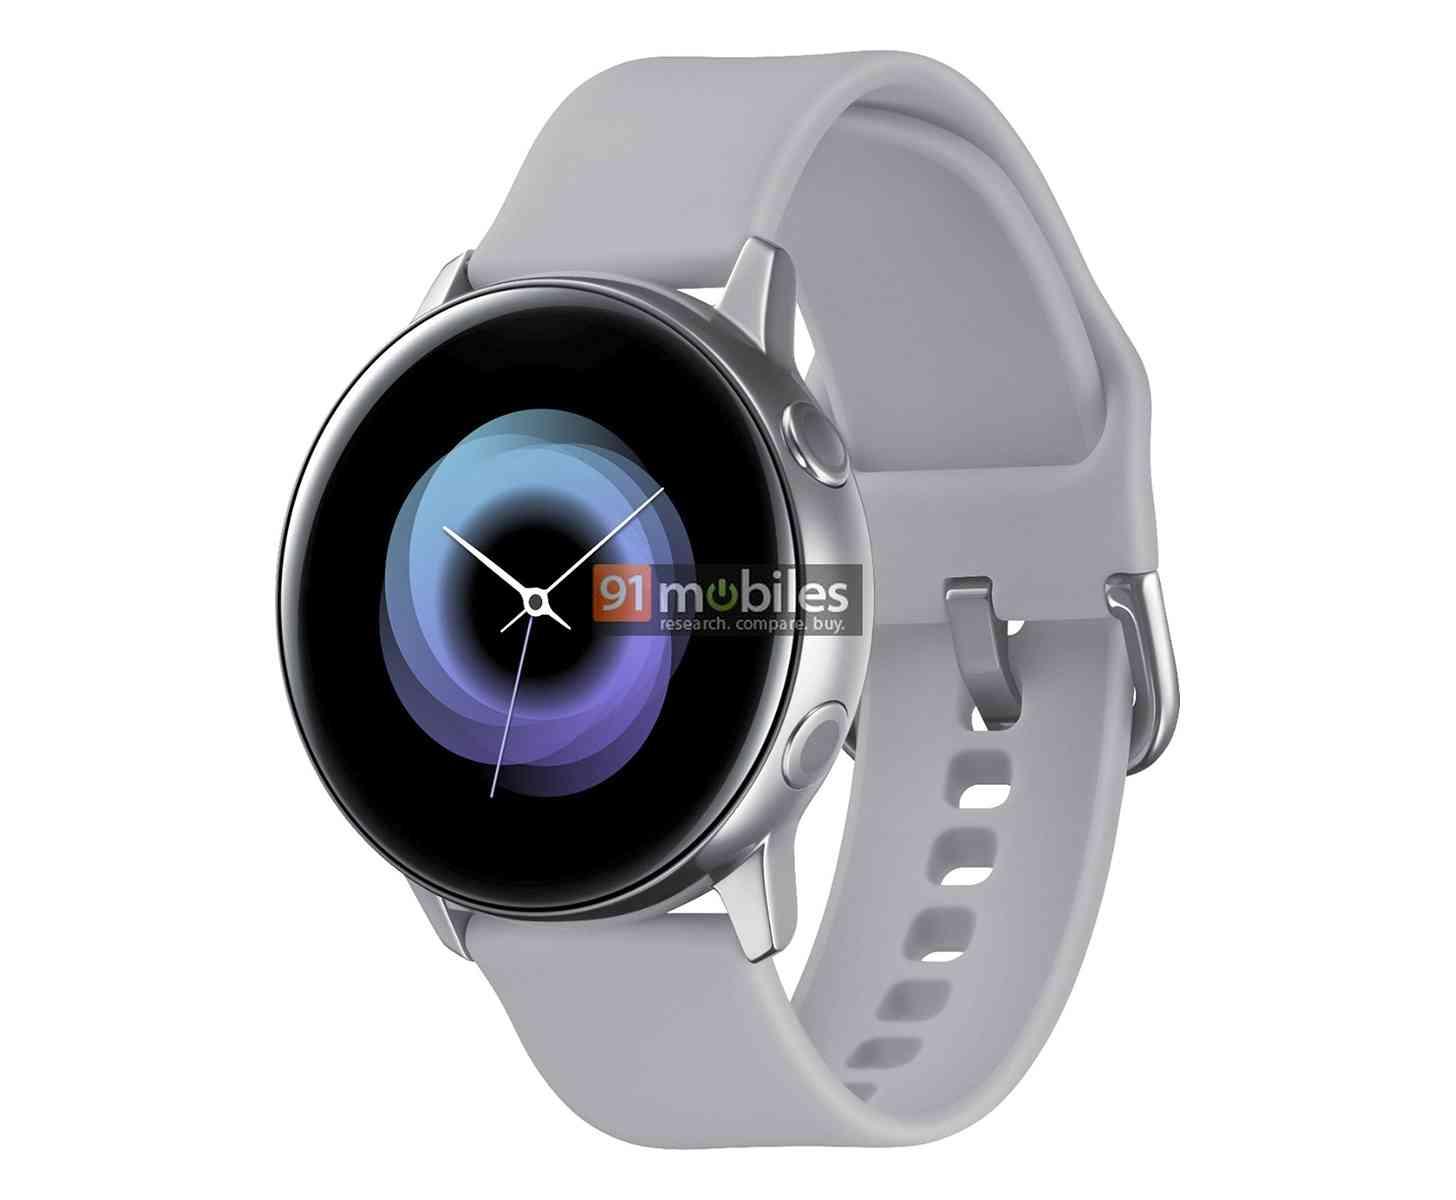 Samsung Galaxy Sport smartwatch leak